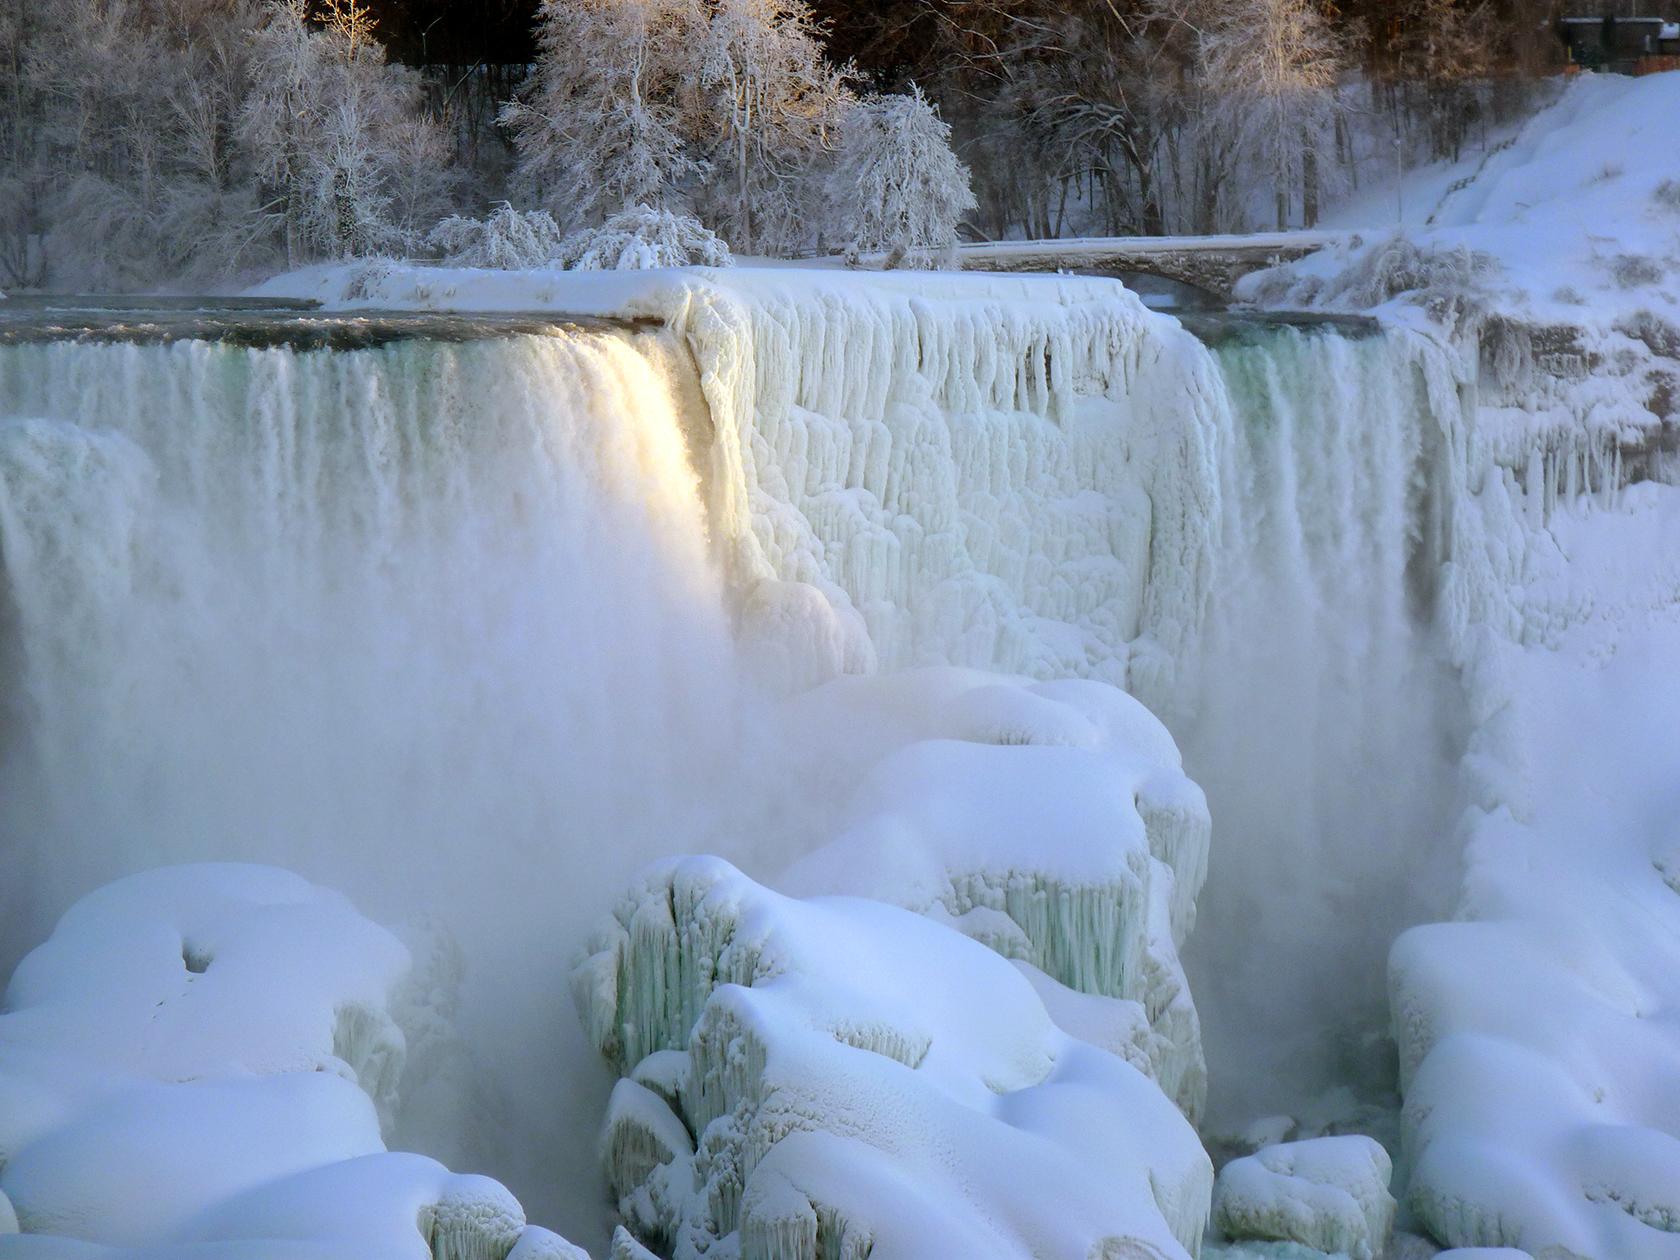 File:Winter Scenes (5683785766) jpg - Wikimedia Commons